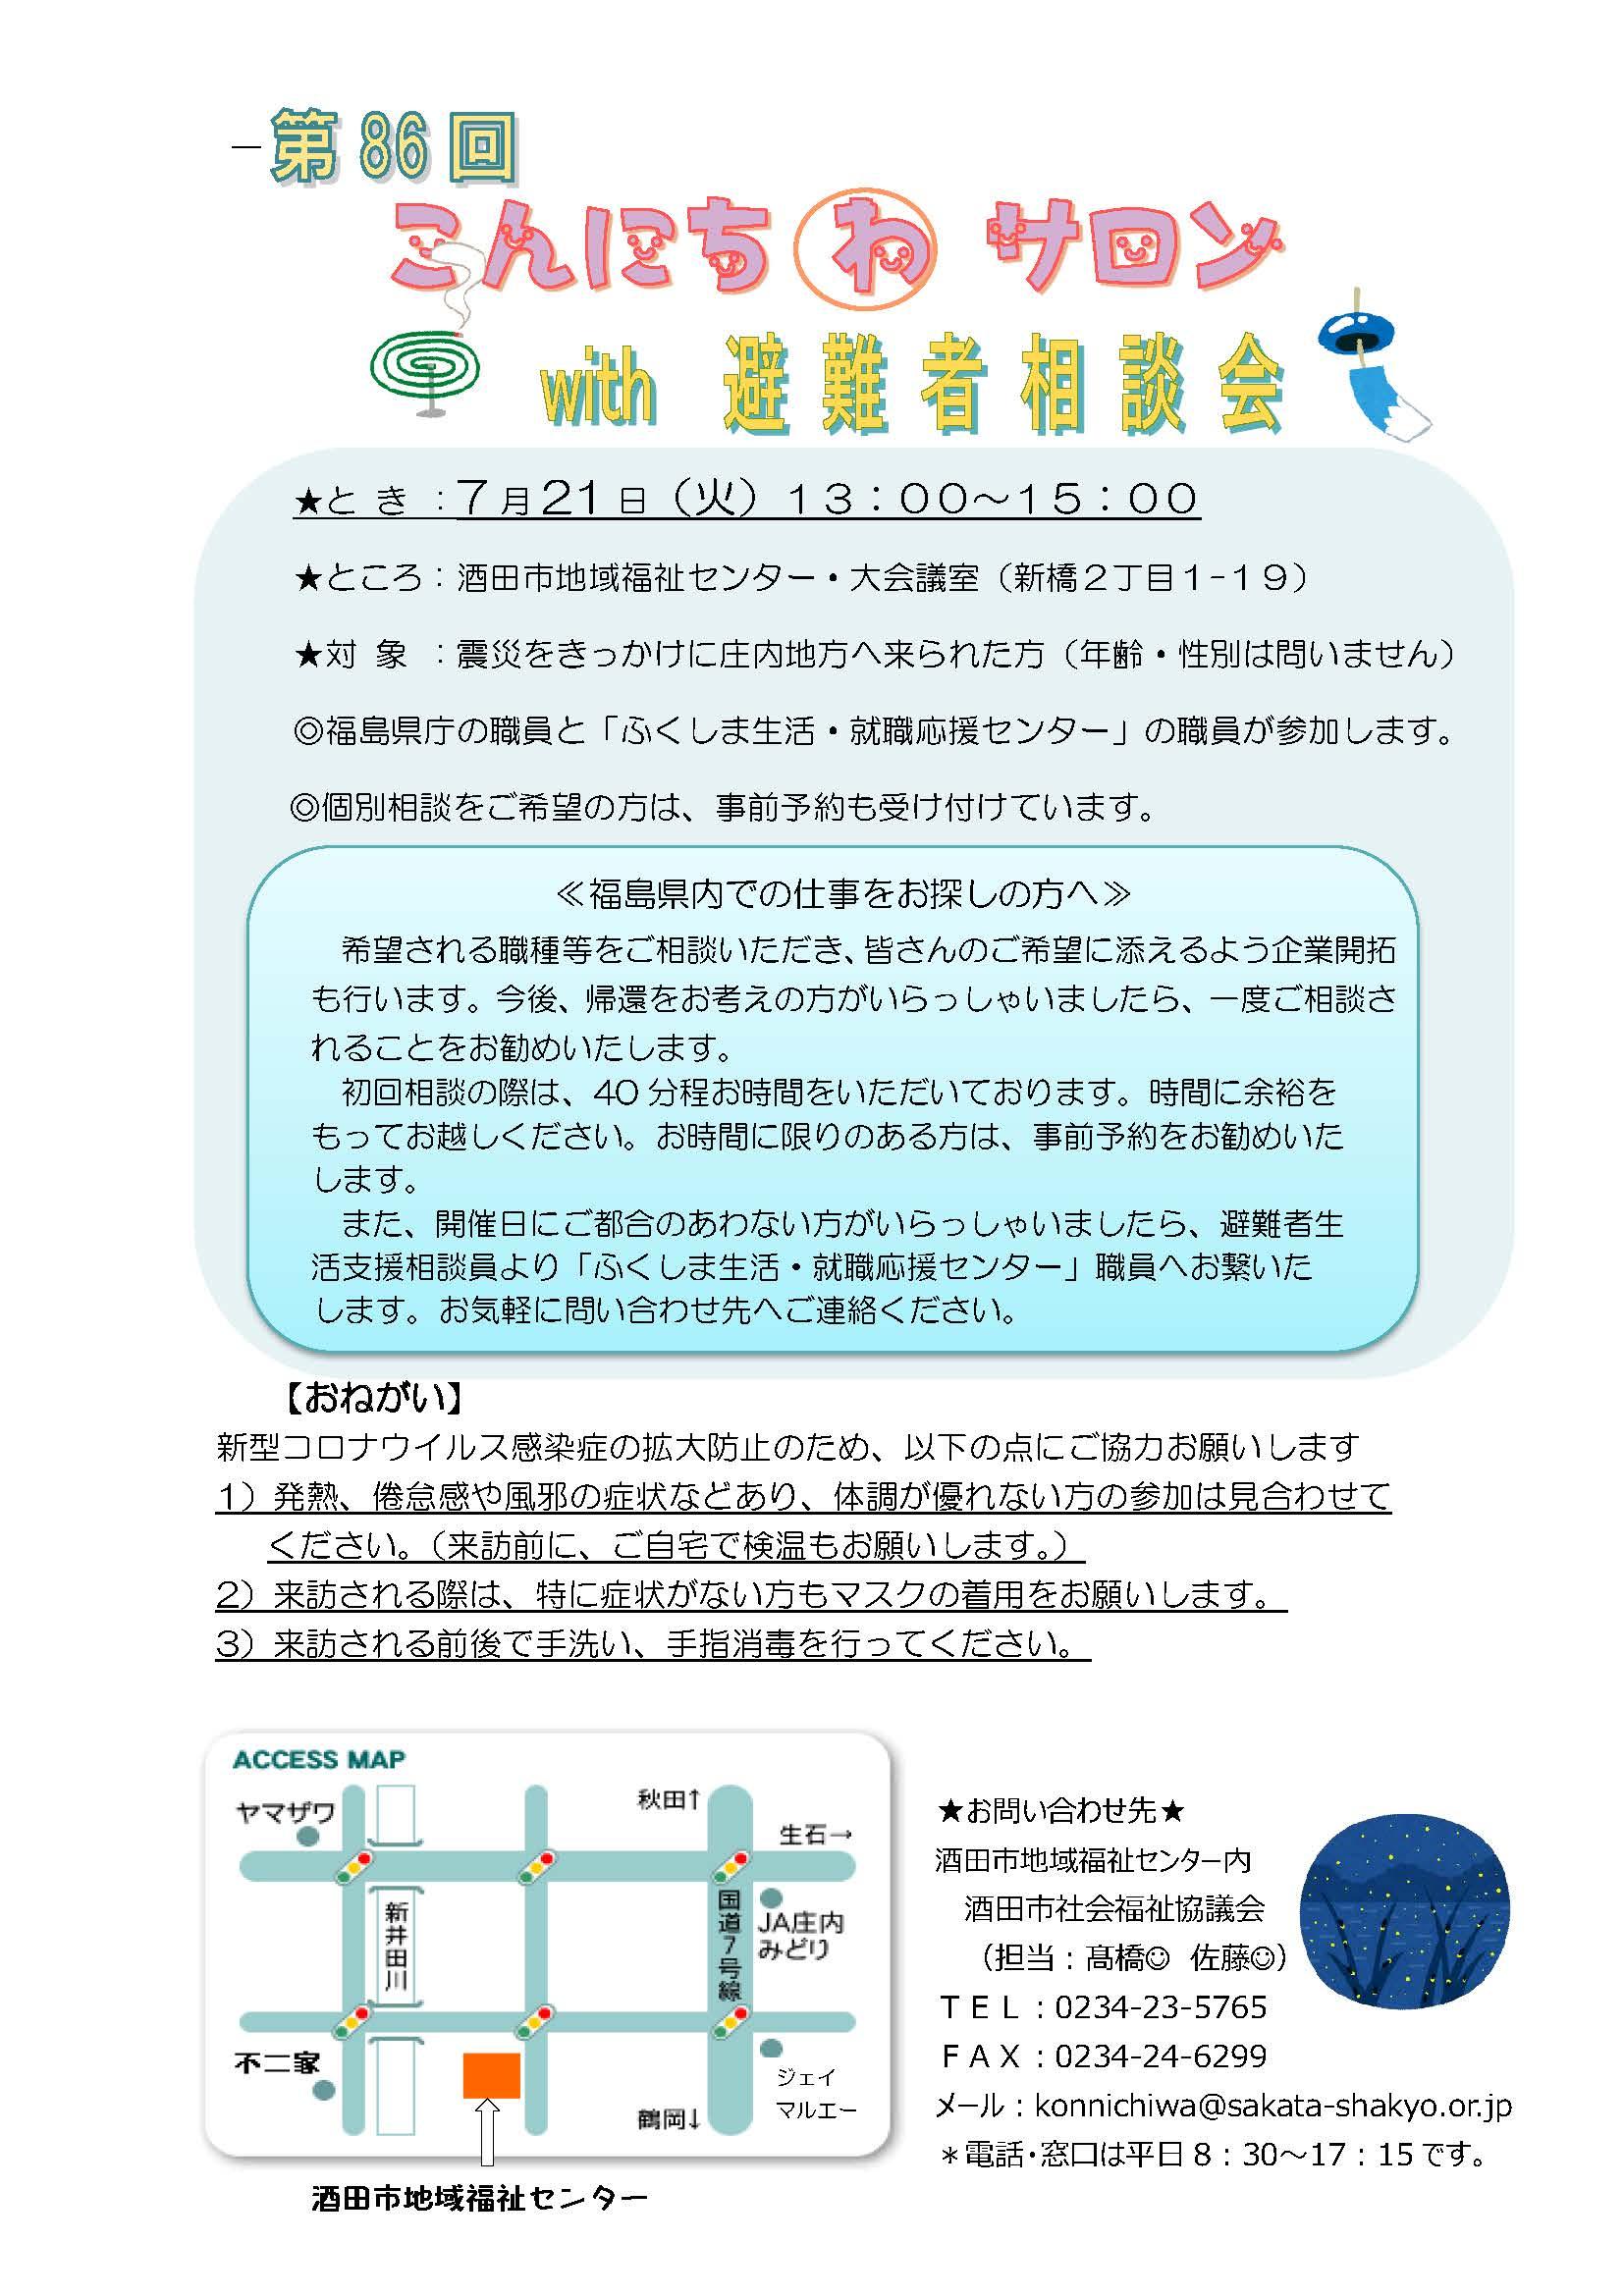 第86回 こんにちわサロン with 避難者相談会